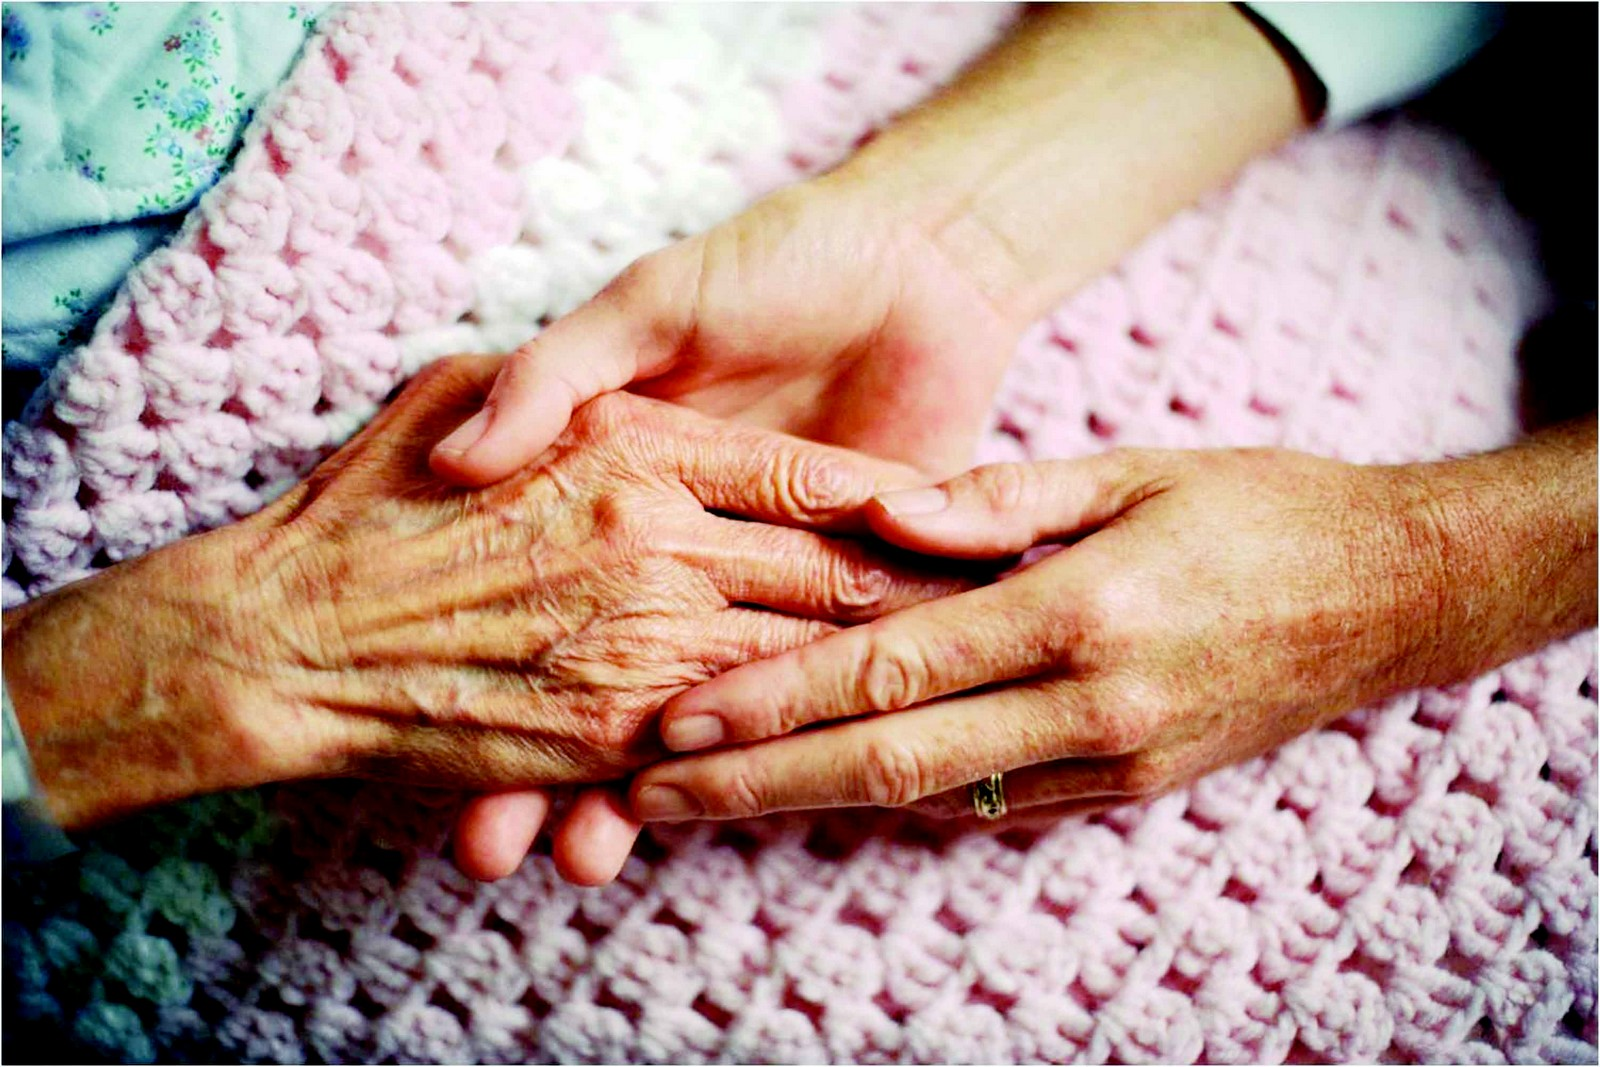 manos de enfermo y cuidador